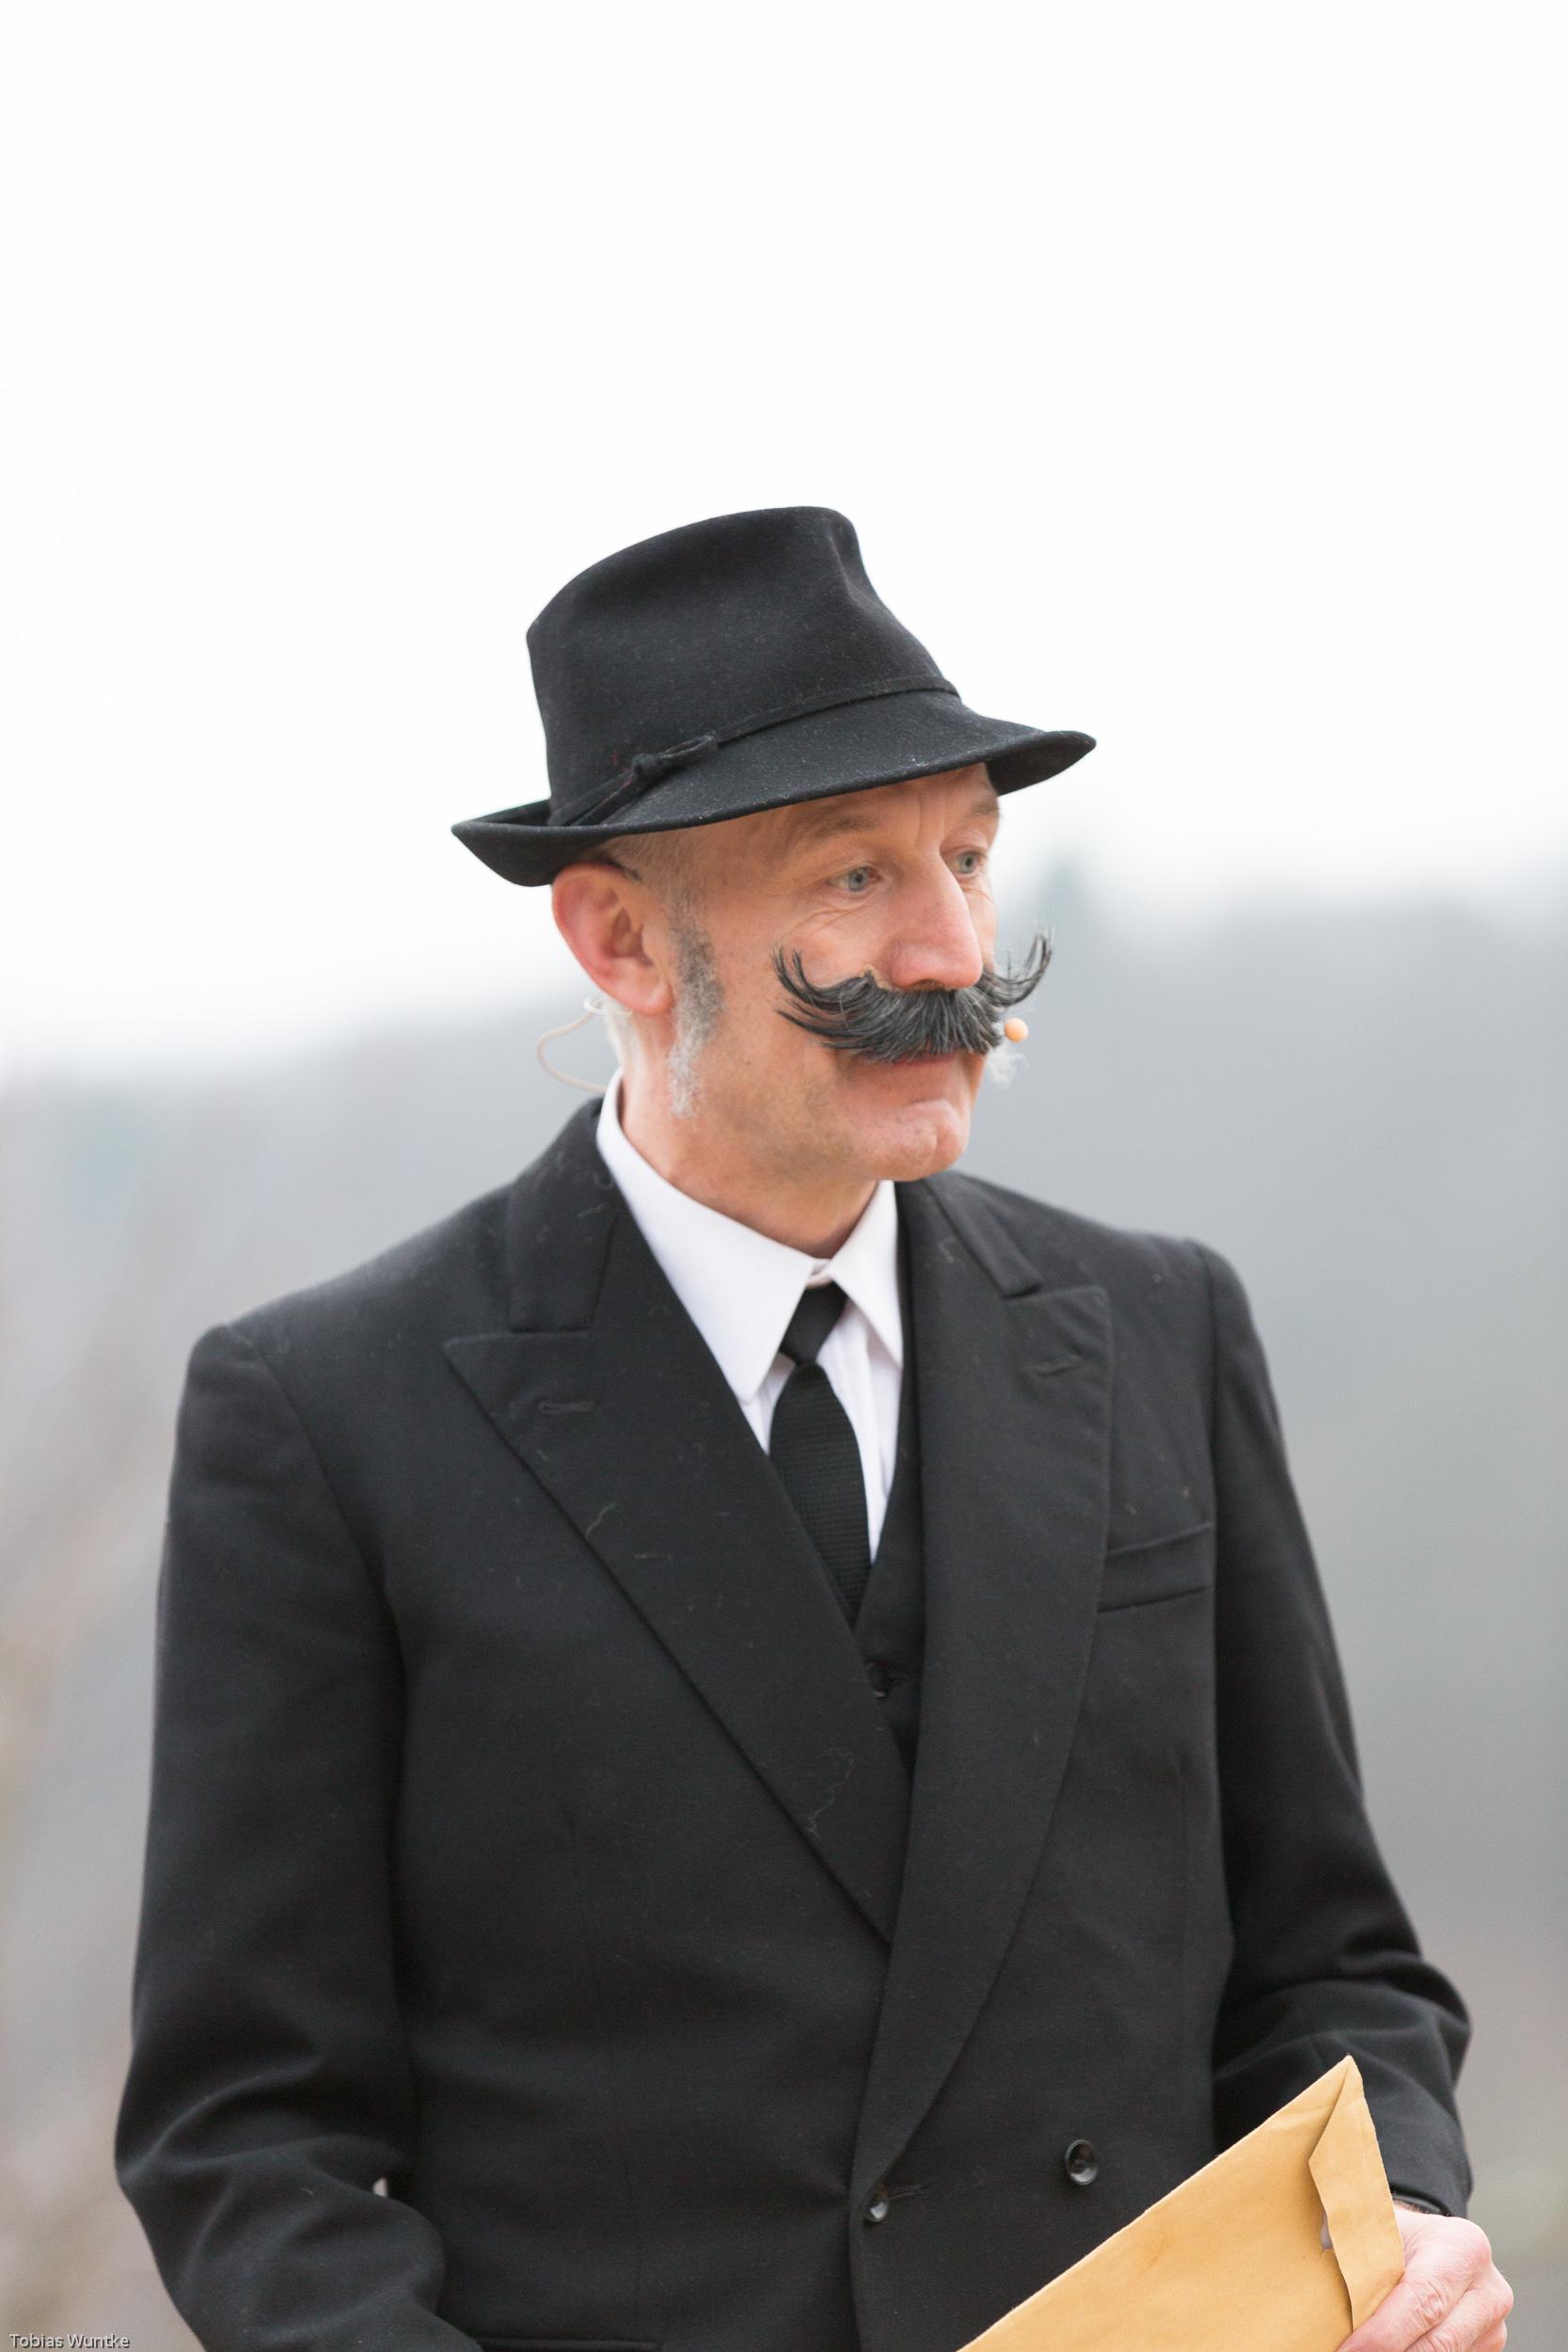 Der Notar mit wildem Bart während dem Theater.